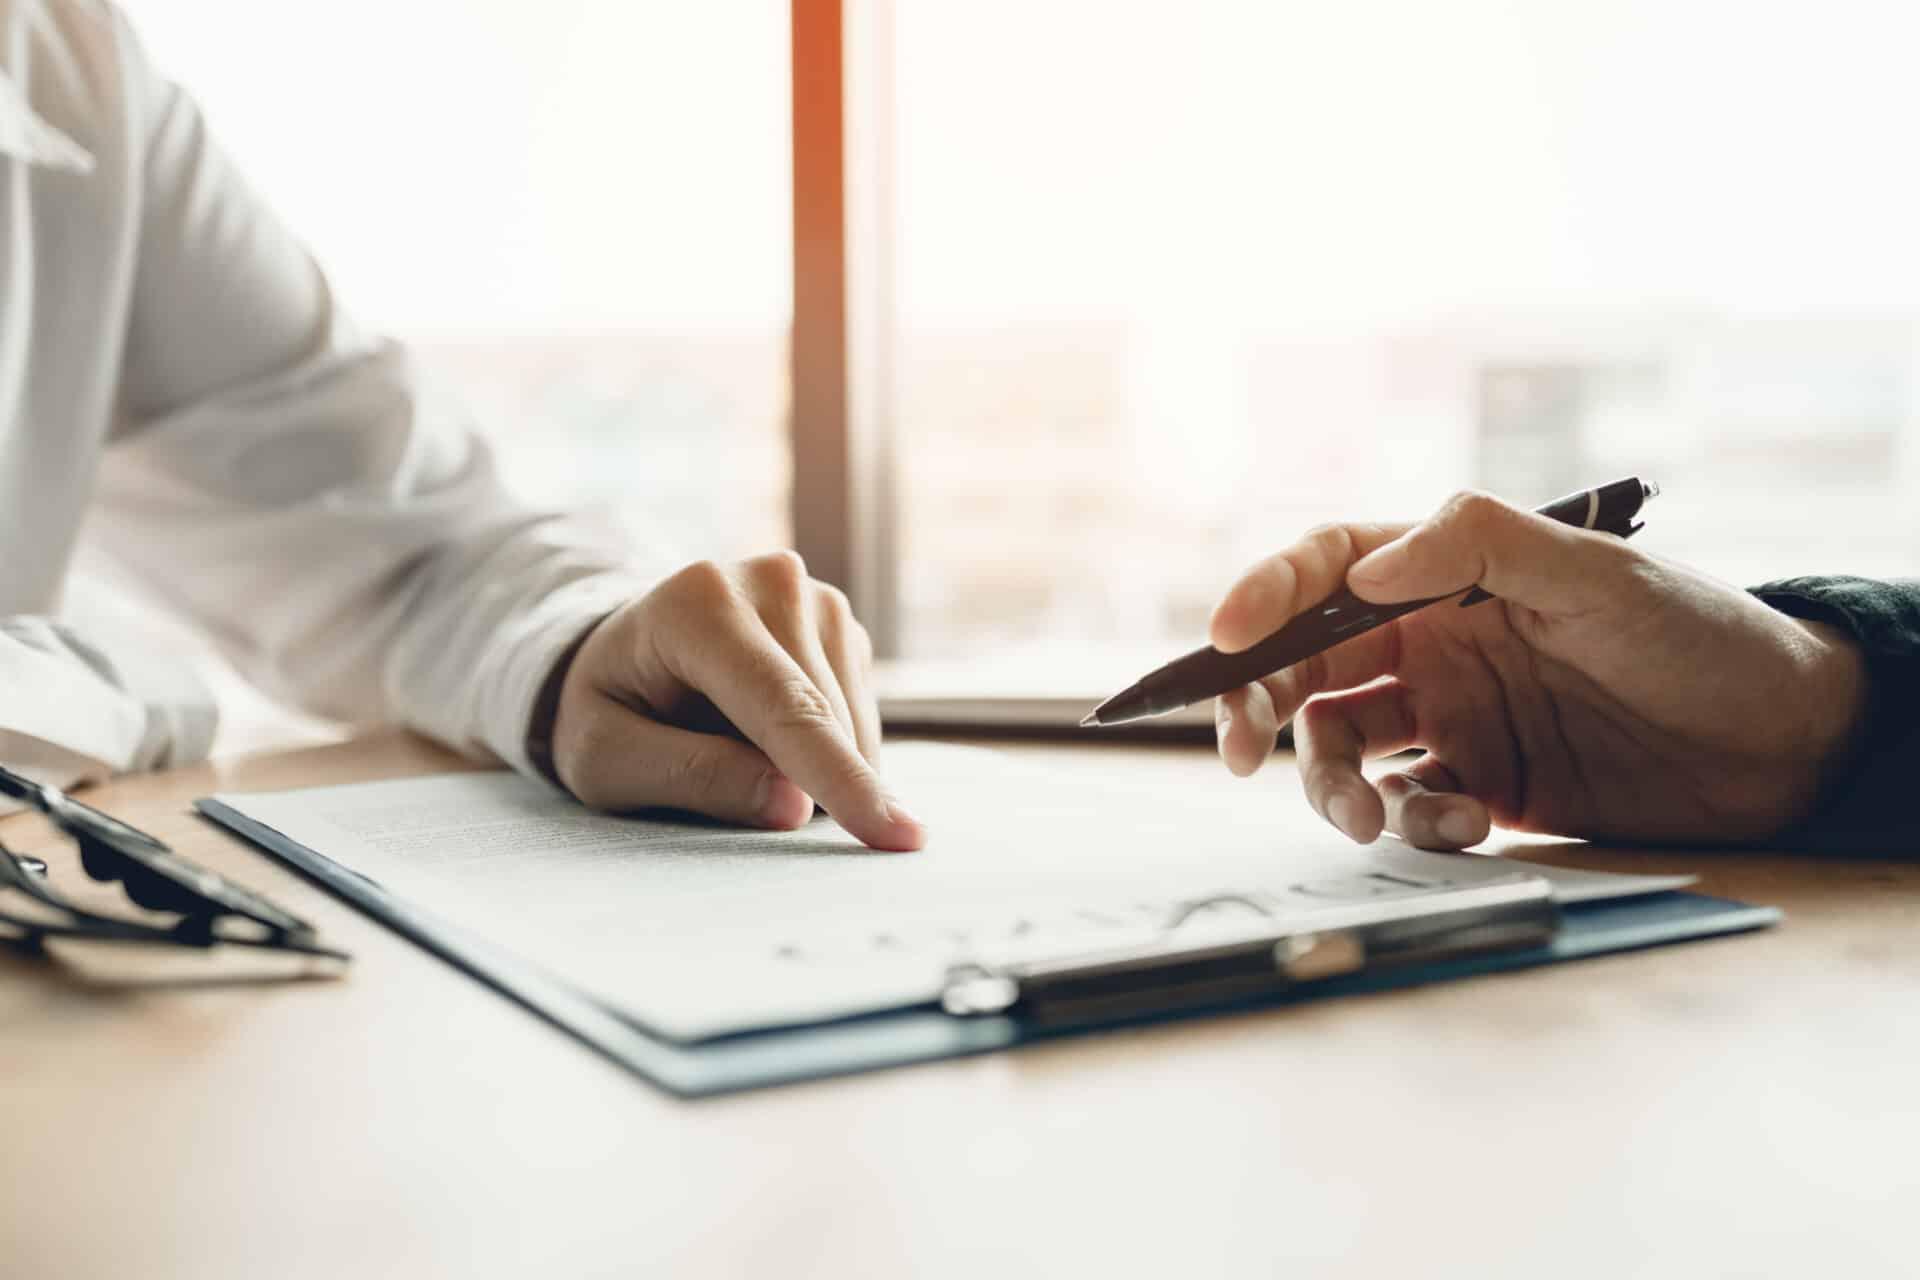 Bevor du eine Berufshaftpflichtversicherung abschließt, solltest du die Anbieter vergleichen.